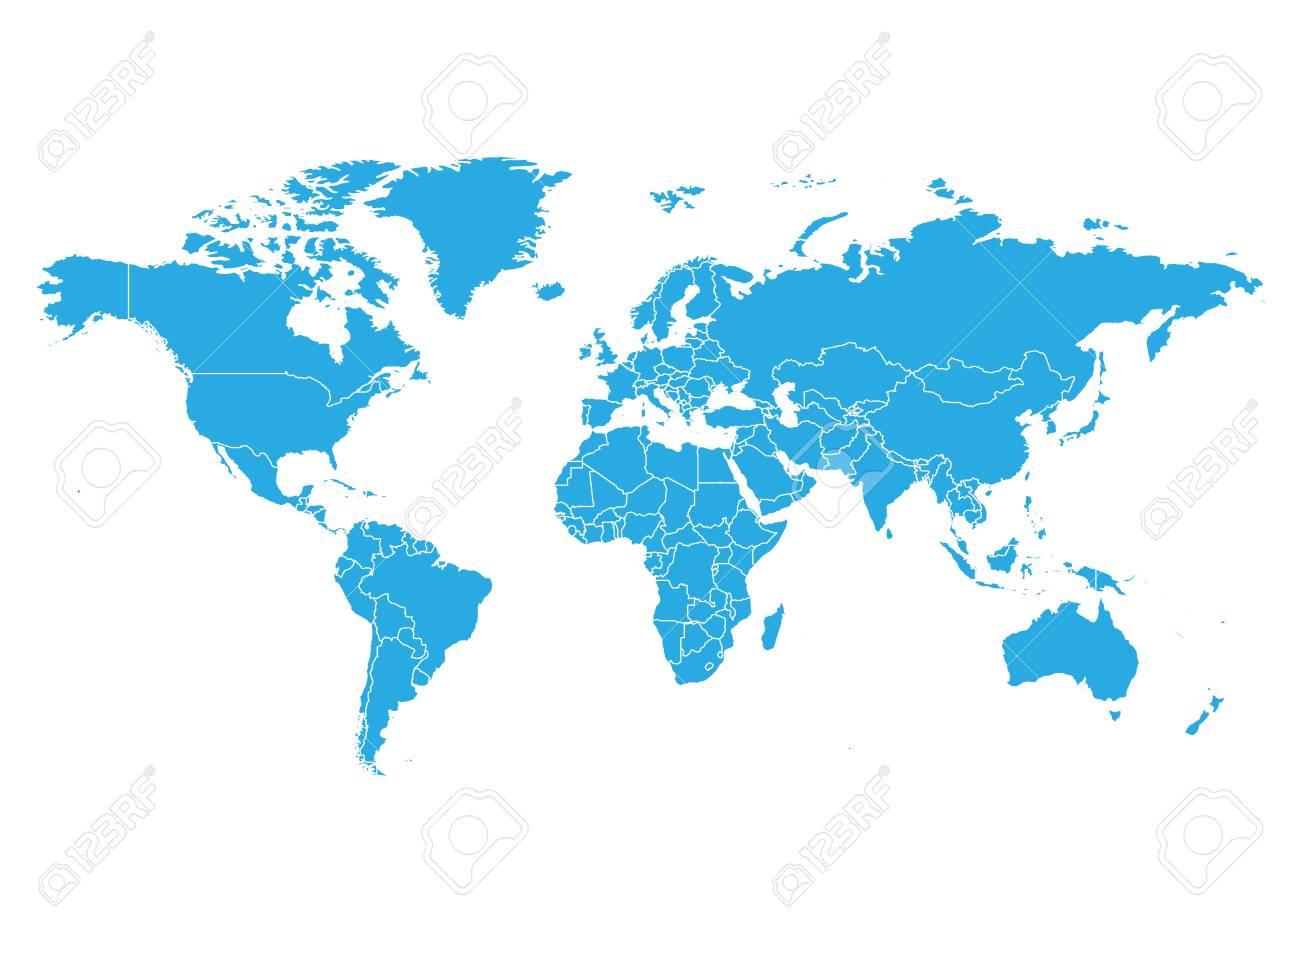 carte du monde en couleur Carte Du Monde En Couleur Bleu Sur Fond Blanc. Carte Politique